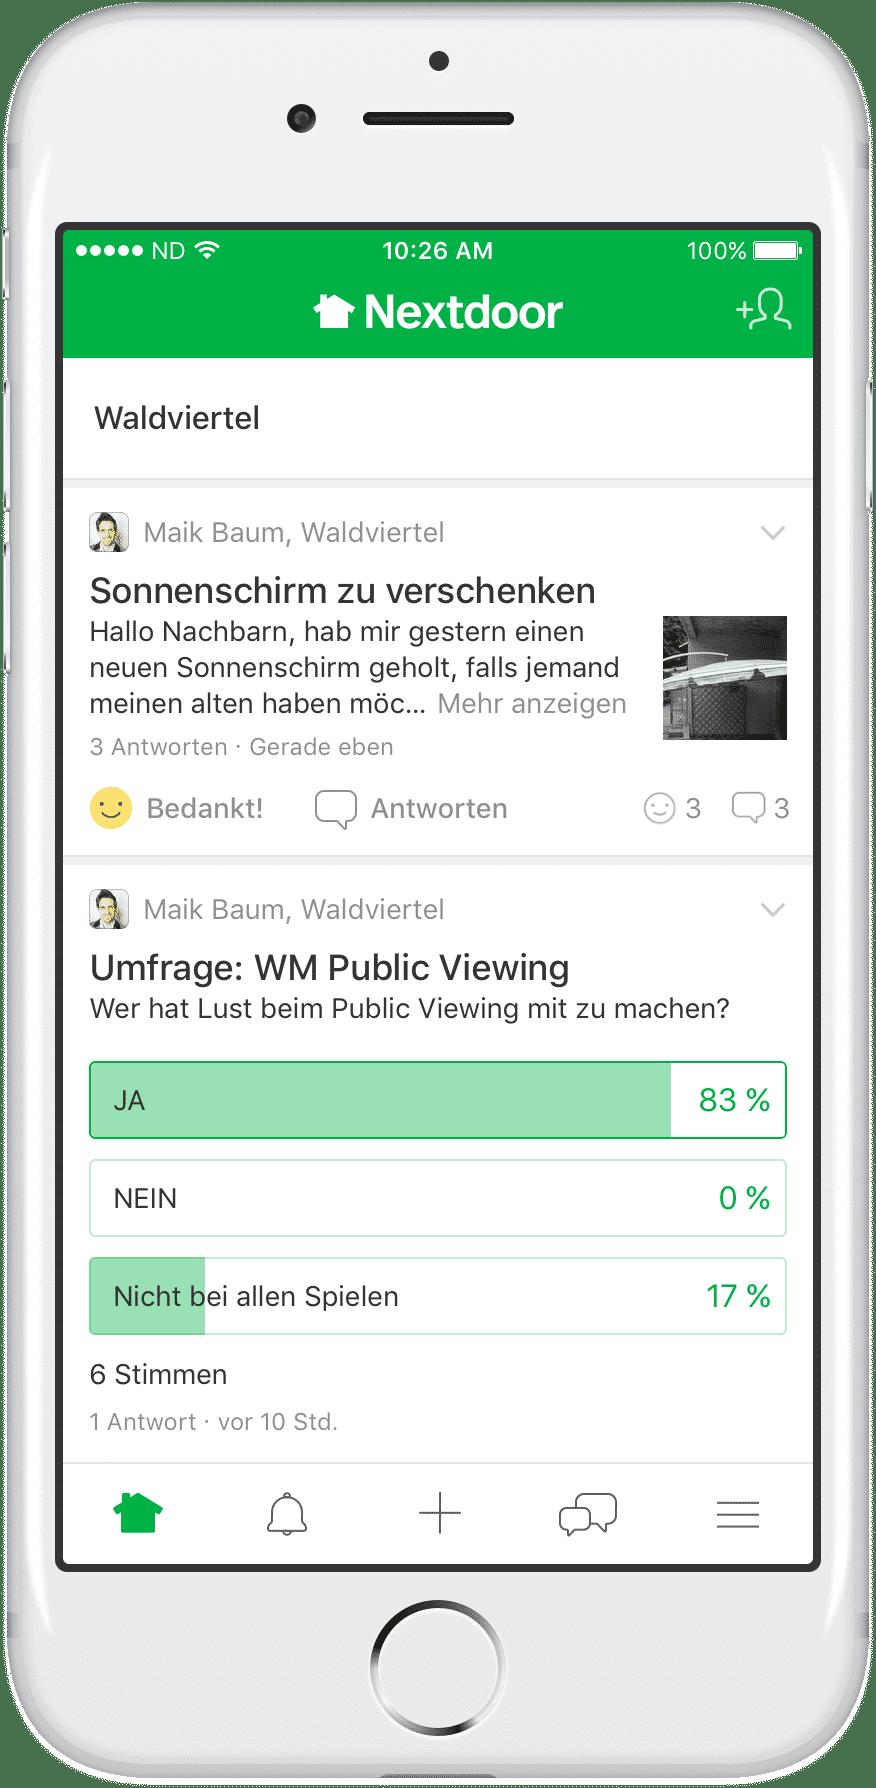 Neben der Website nextdoor.de gibt es auch eine mobile App für Android und iOS.